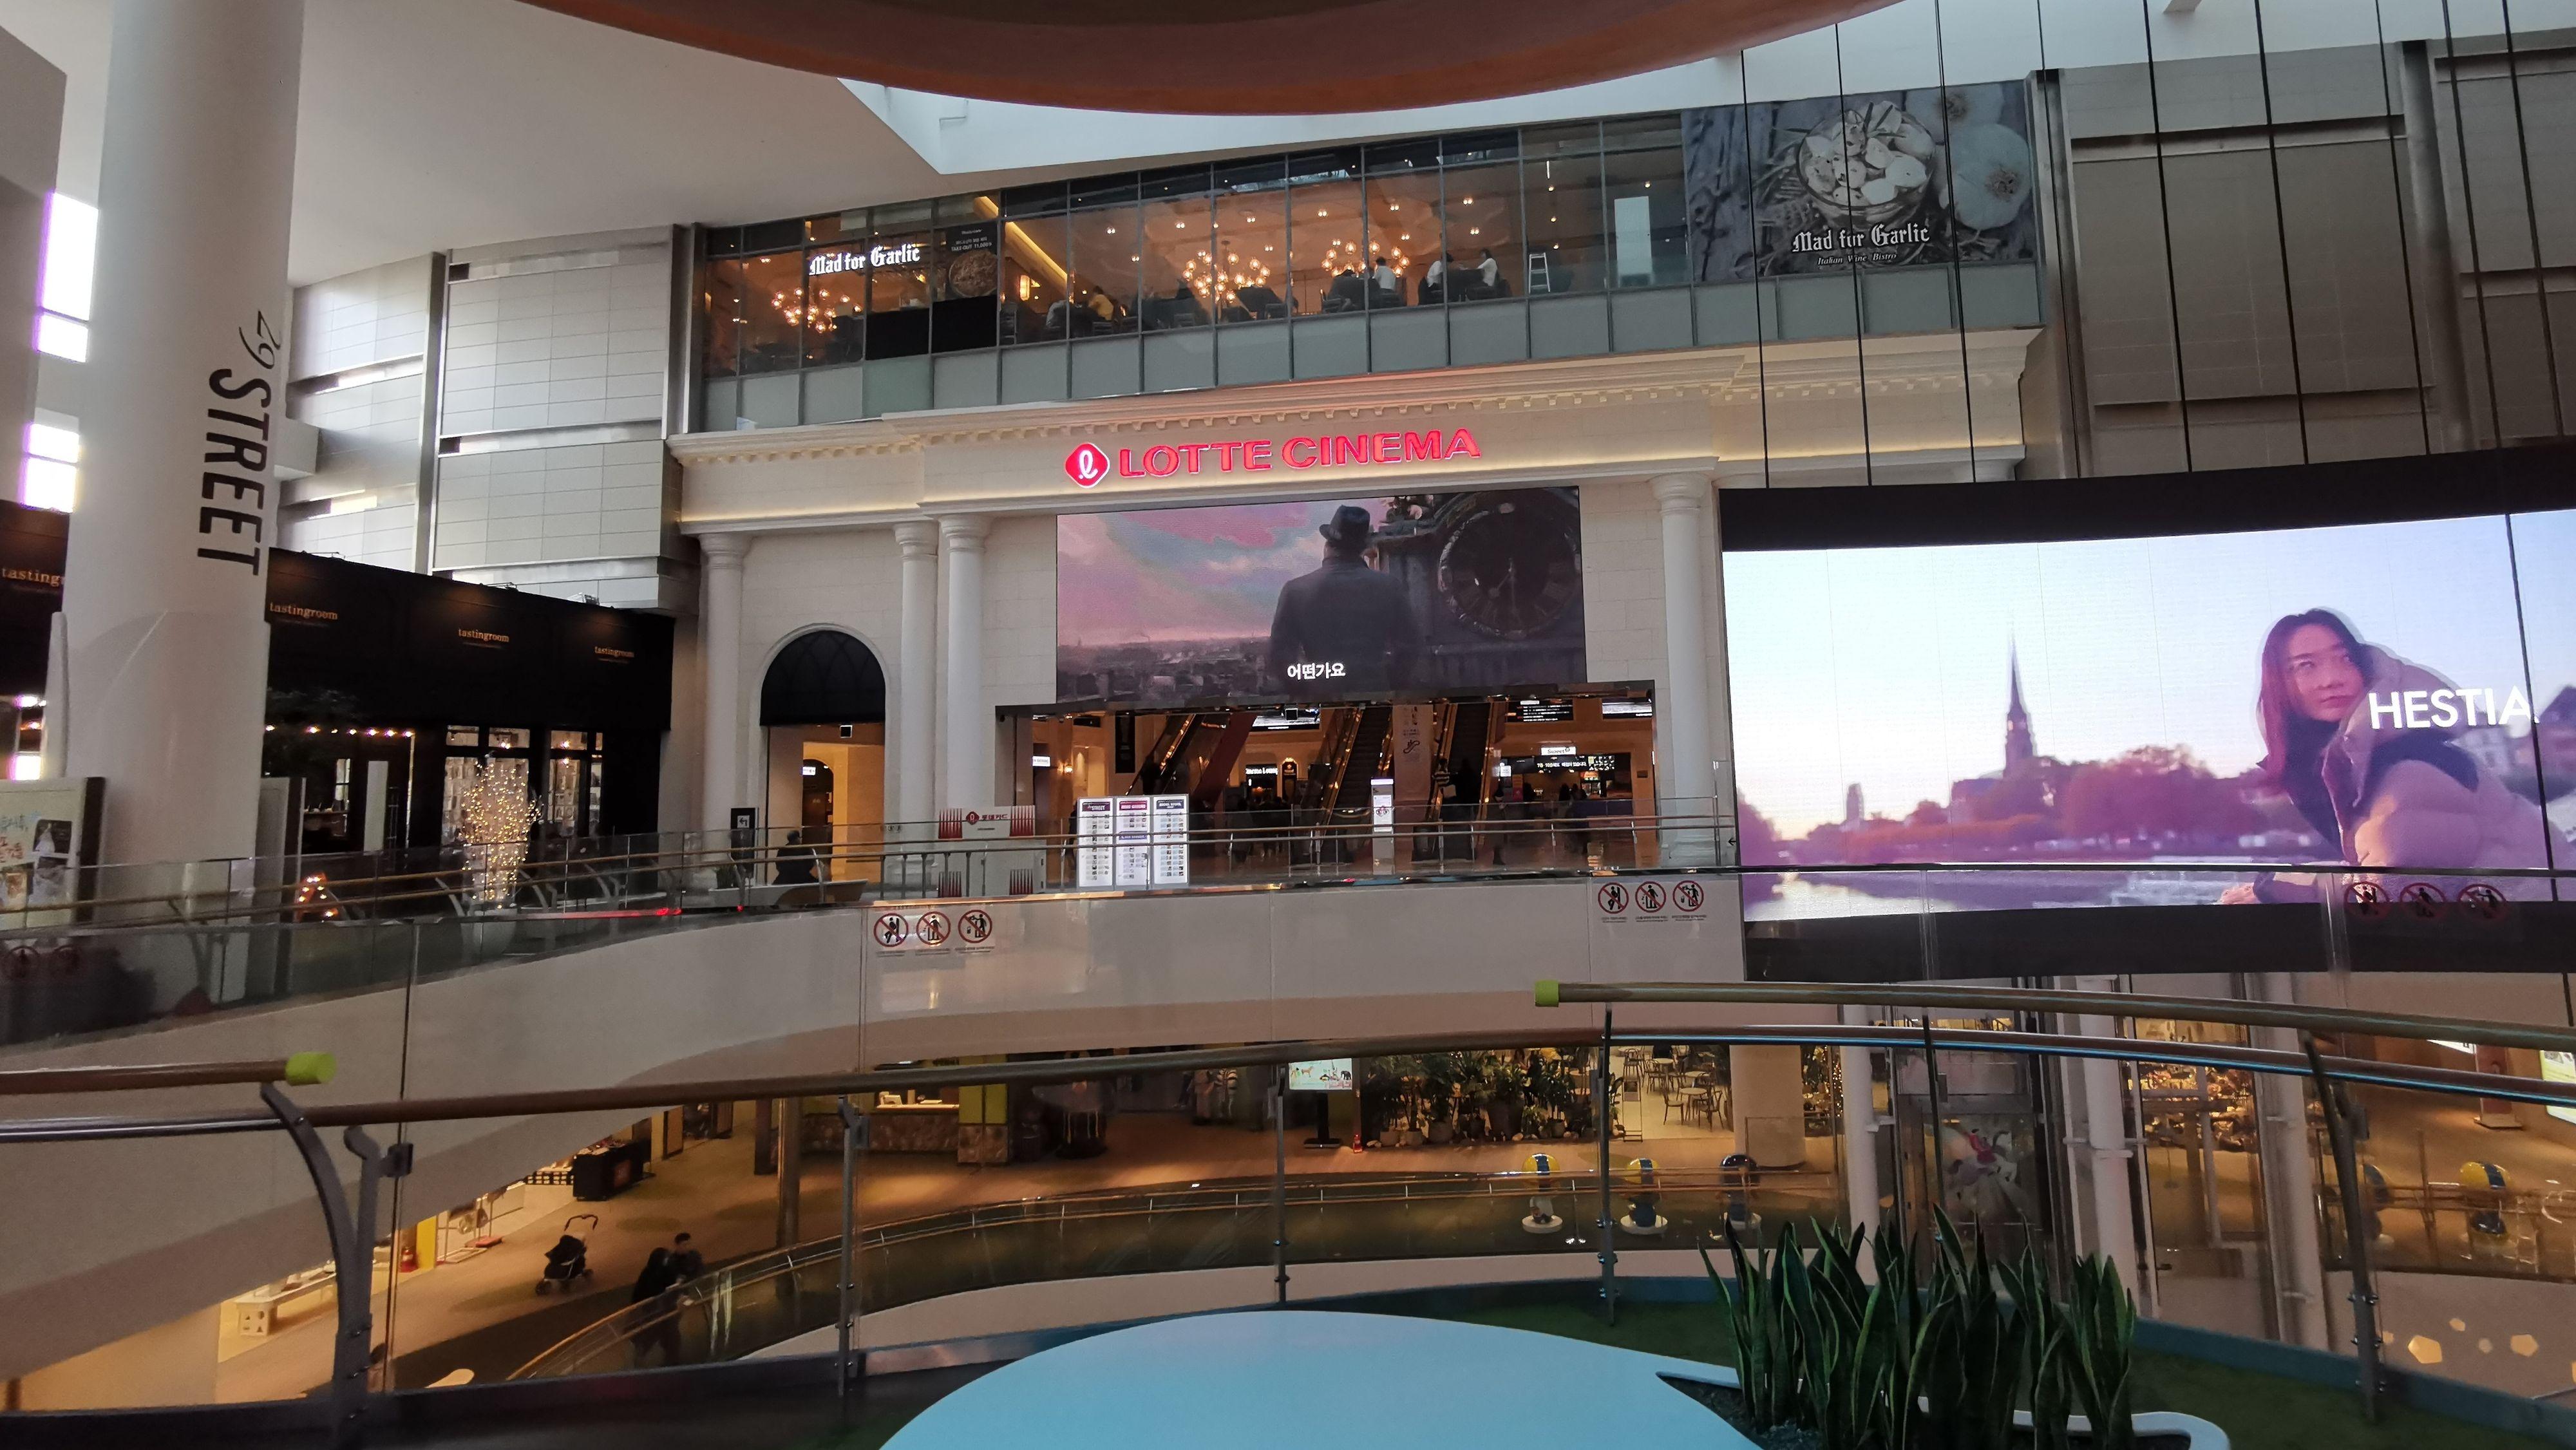 Lotte-kinoen ligger i enden av kjøpesenteret med samme navn.